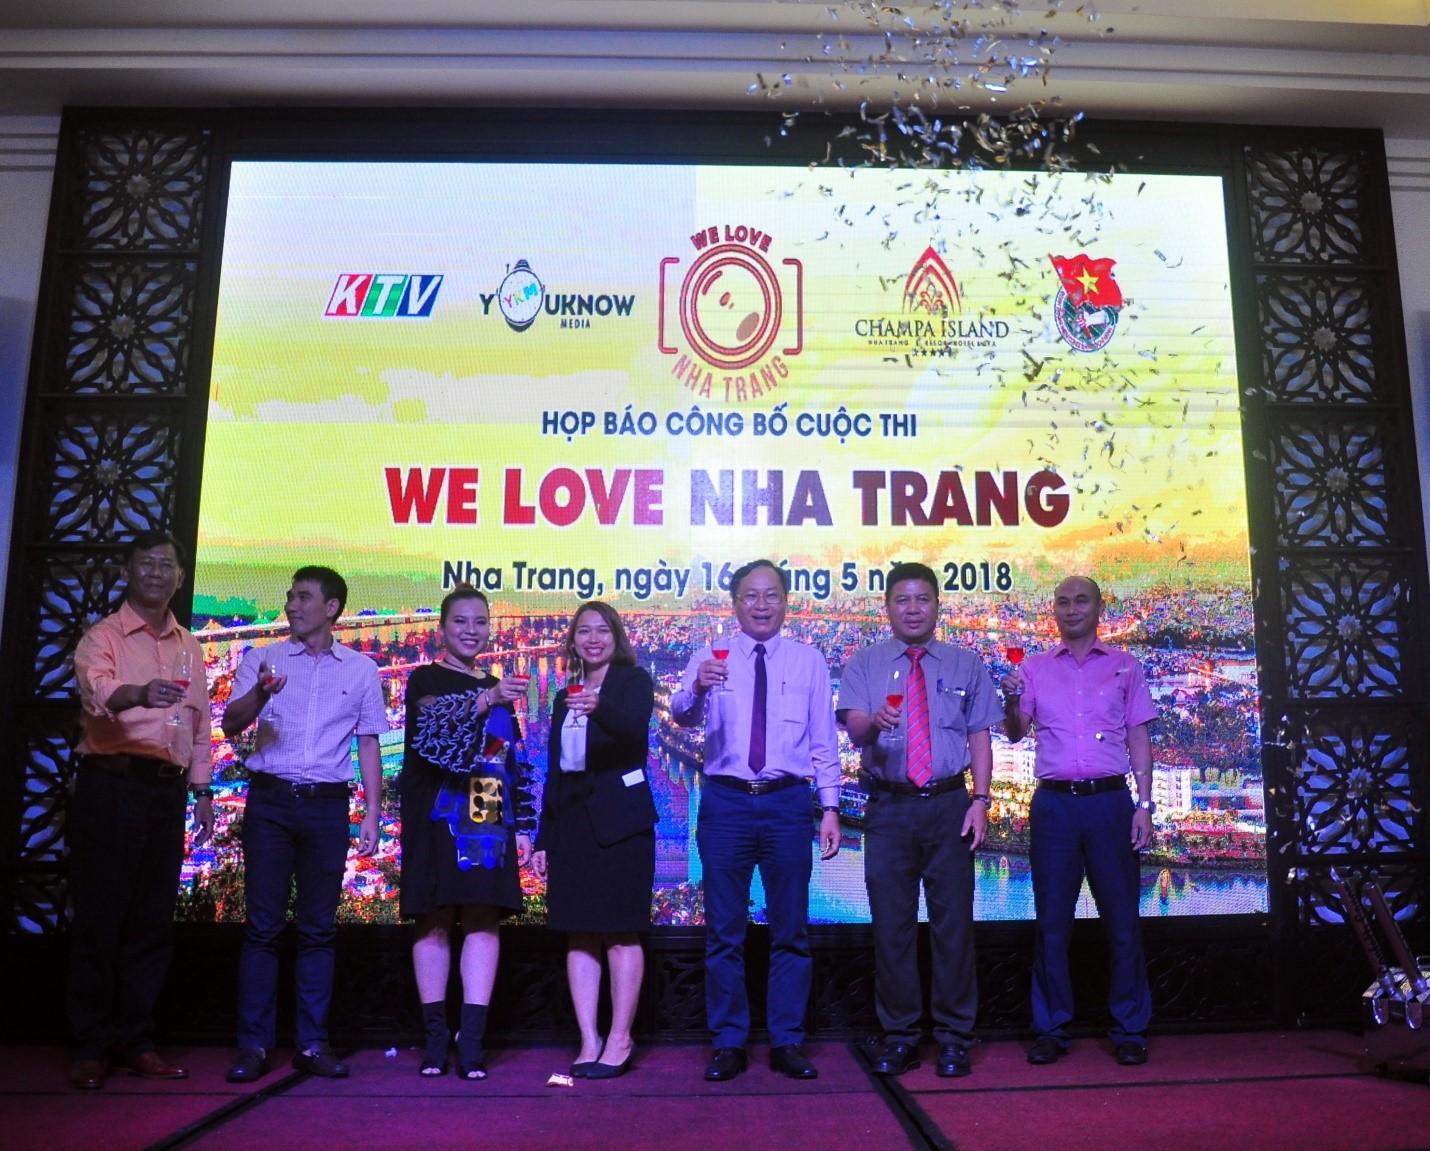 Đại diện lãnh đạo tỉnh Khánh Hòa và ban tổ chức Chúc mừng họp báo công bố cuộc thi